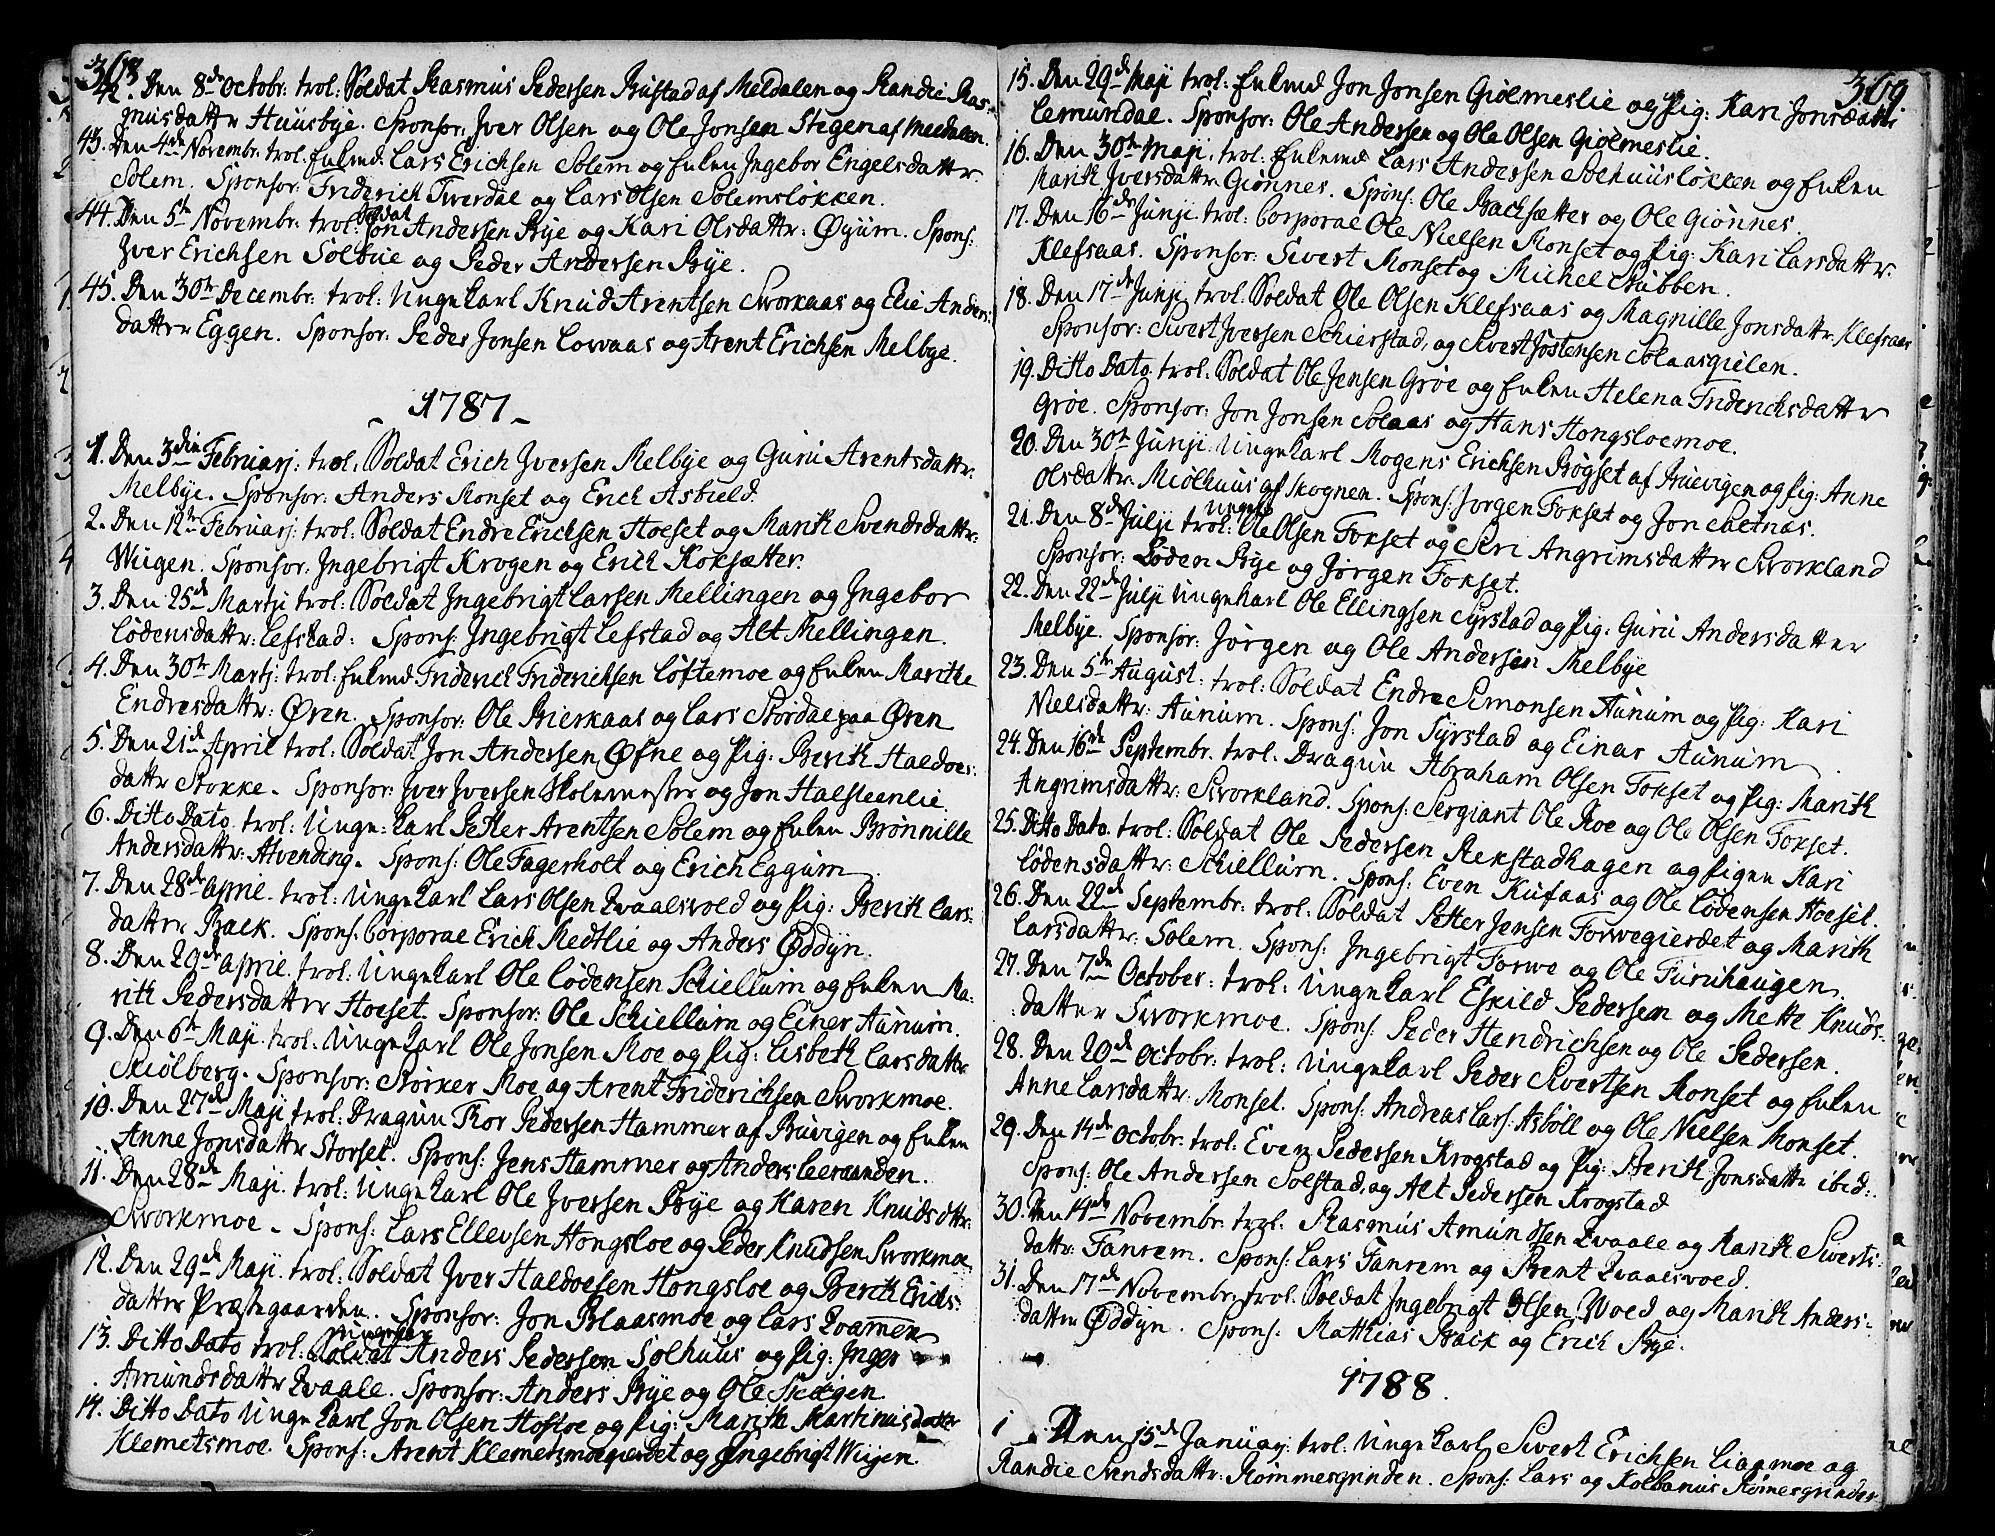 SAT, Ministerialprotokoller, klokkerbøker og fødselsregistre - Sør-Trøndelag, 668/L0802: Ministerialbok nr. 668A02, 1776-1799, s. 368-369